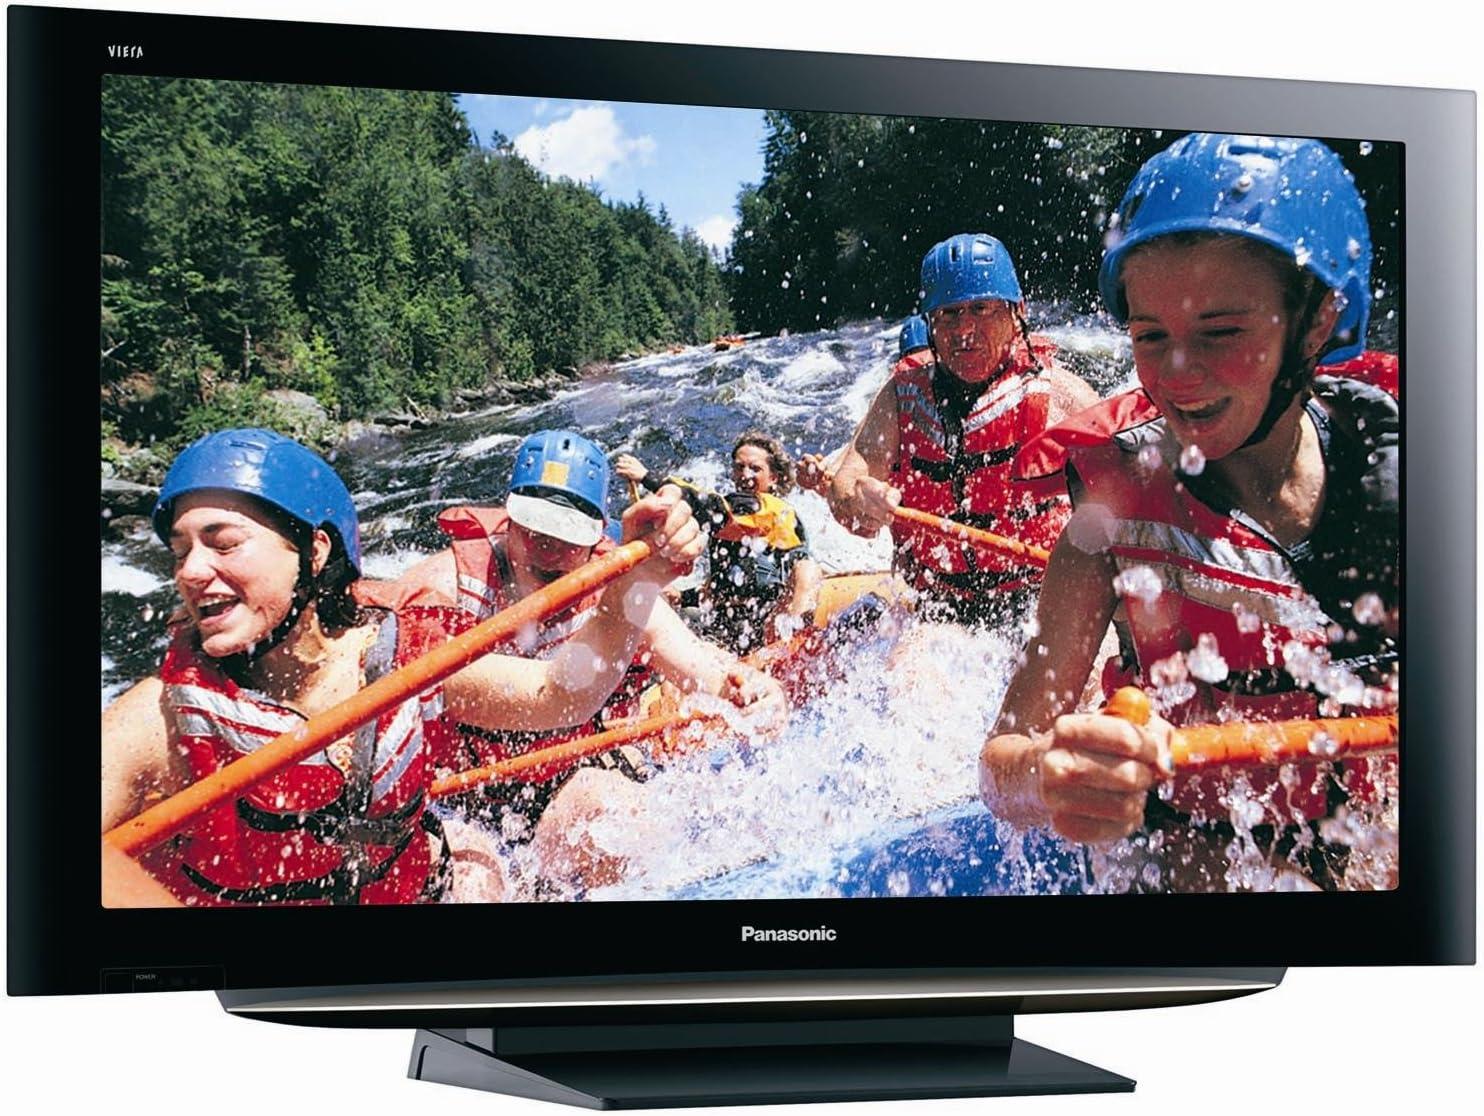 Panasonic TH-50PZ85U - Televisión Full HD, Pantalla Plasma 50 Pulgadas: Amazon.es: Electrónica